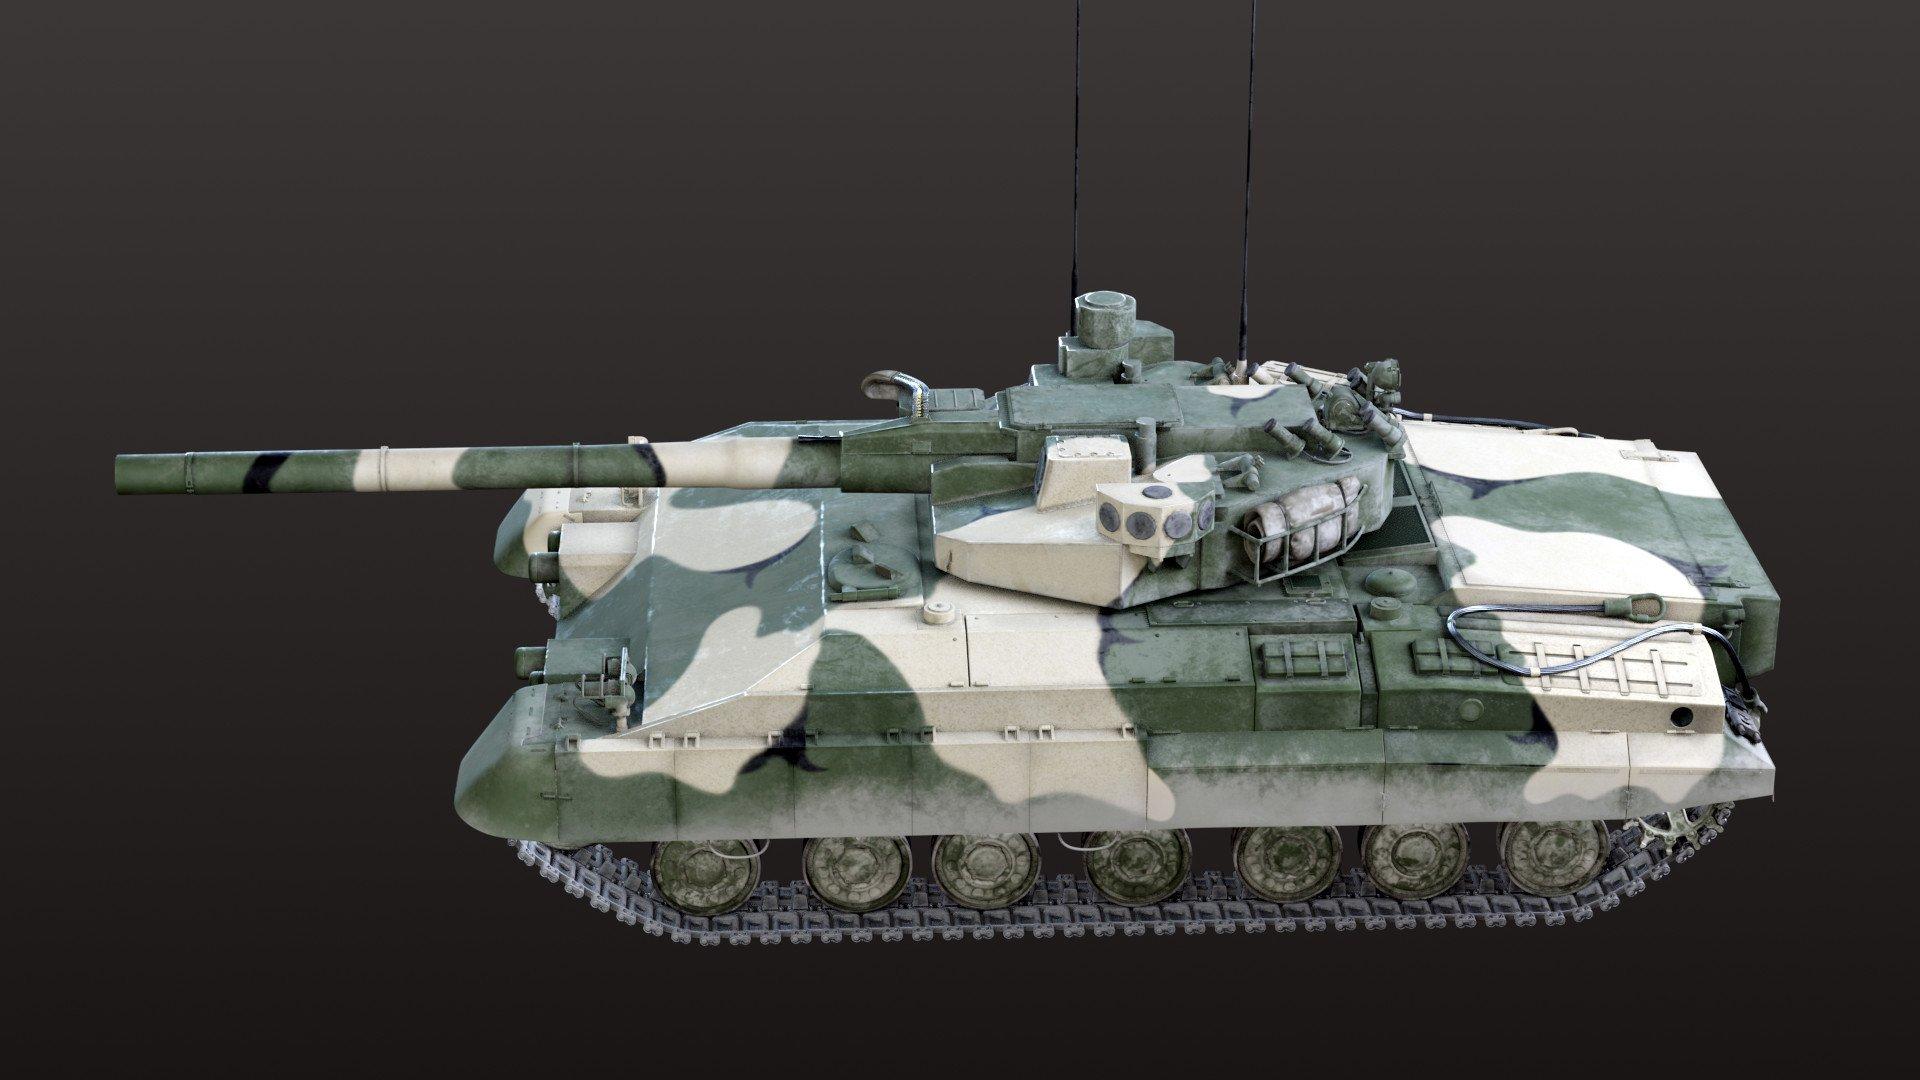 阿玛塔的灵感来源?苏联无人炮塔坦克CG图曝光